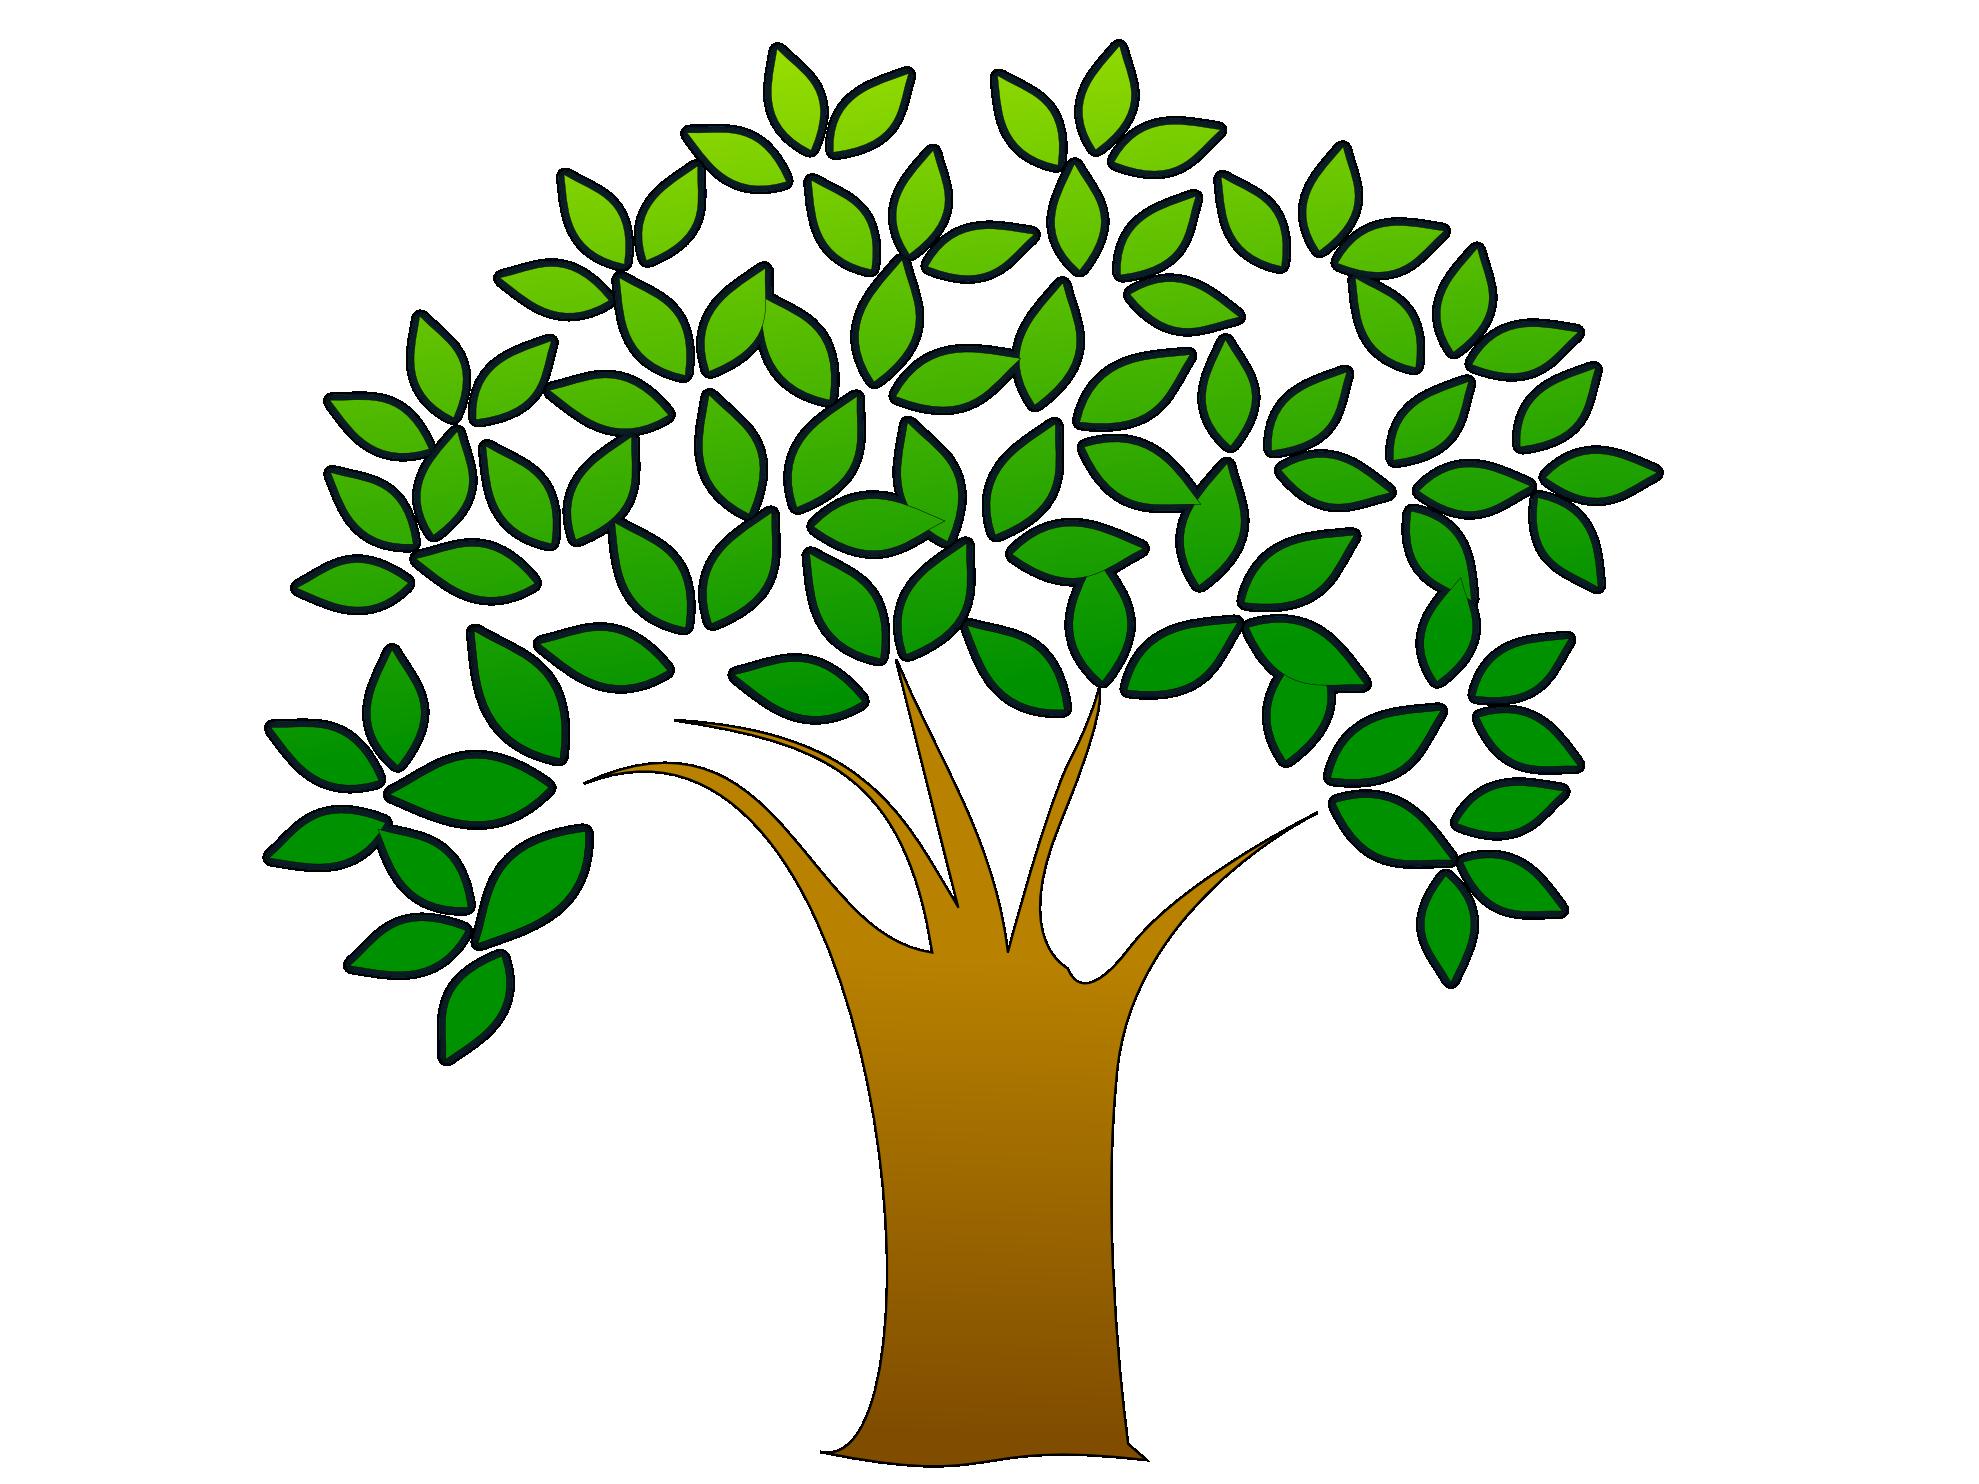 clipart tree - Clip Art Tree